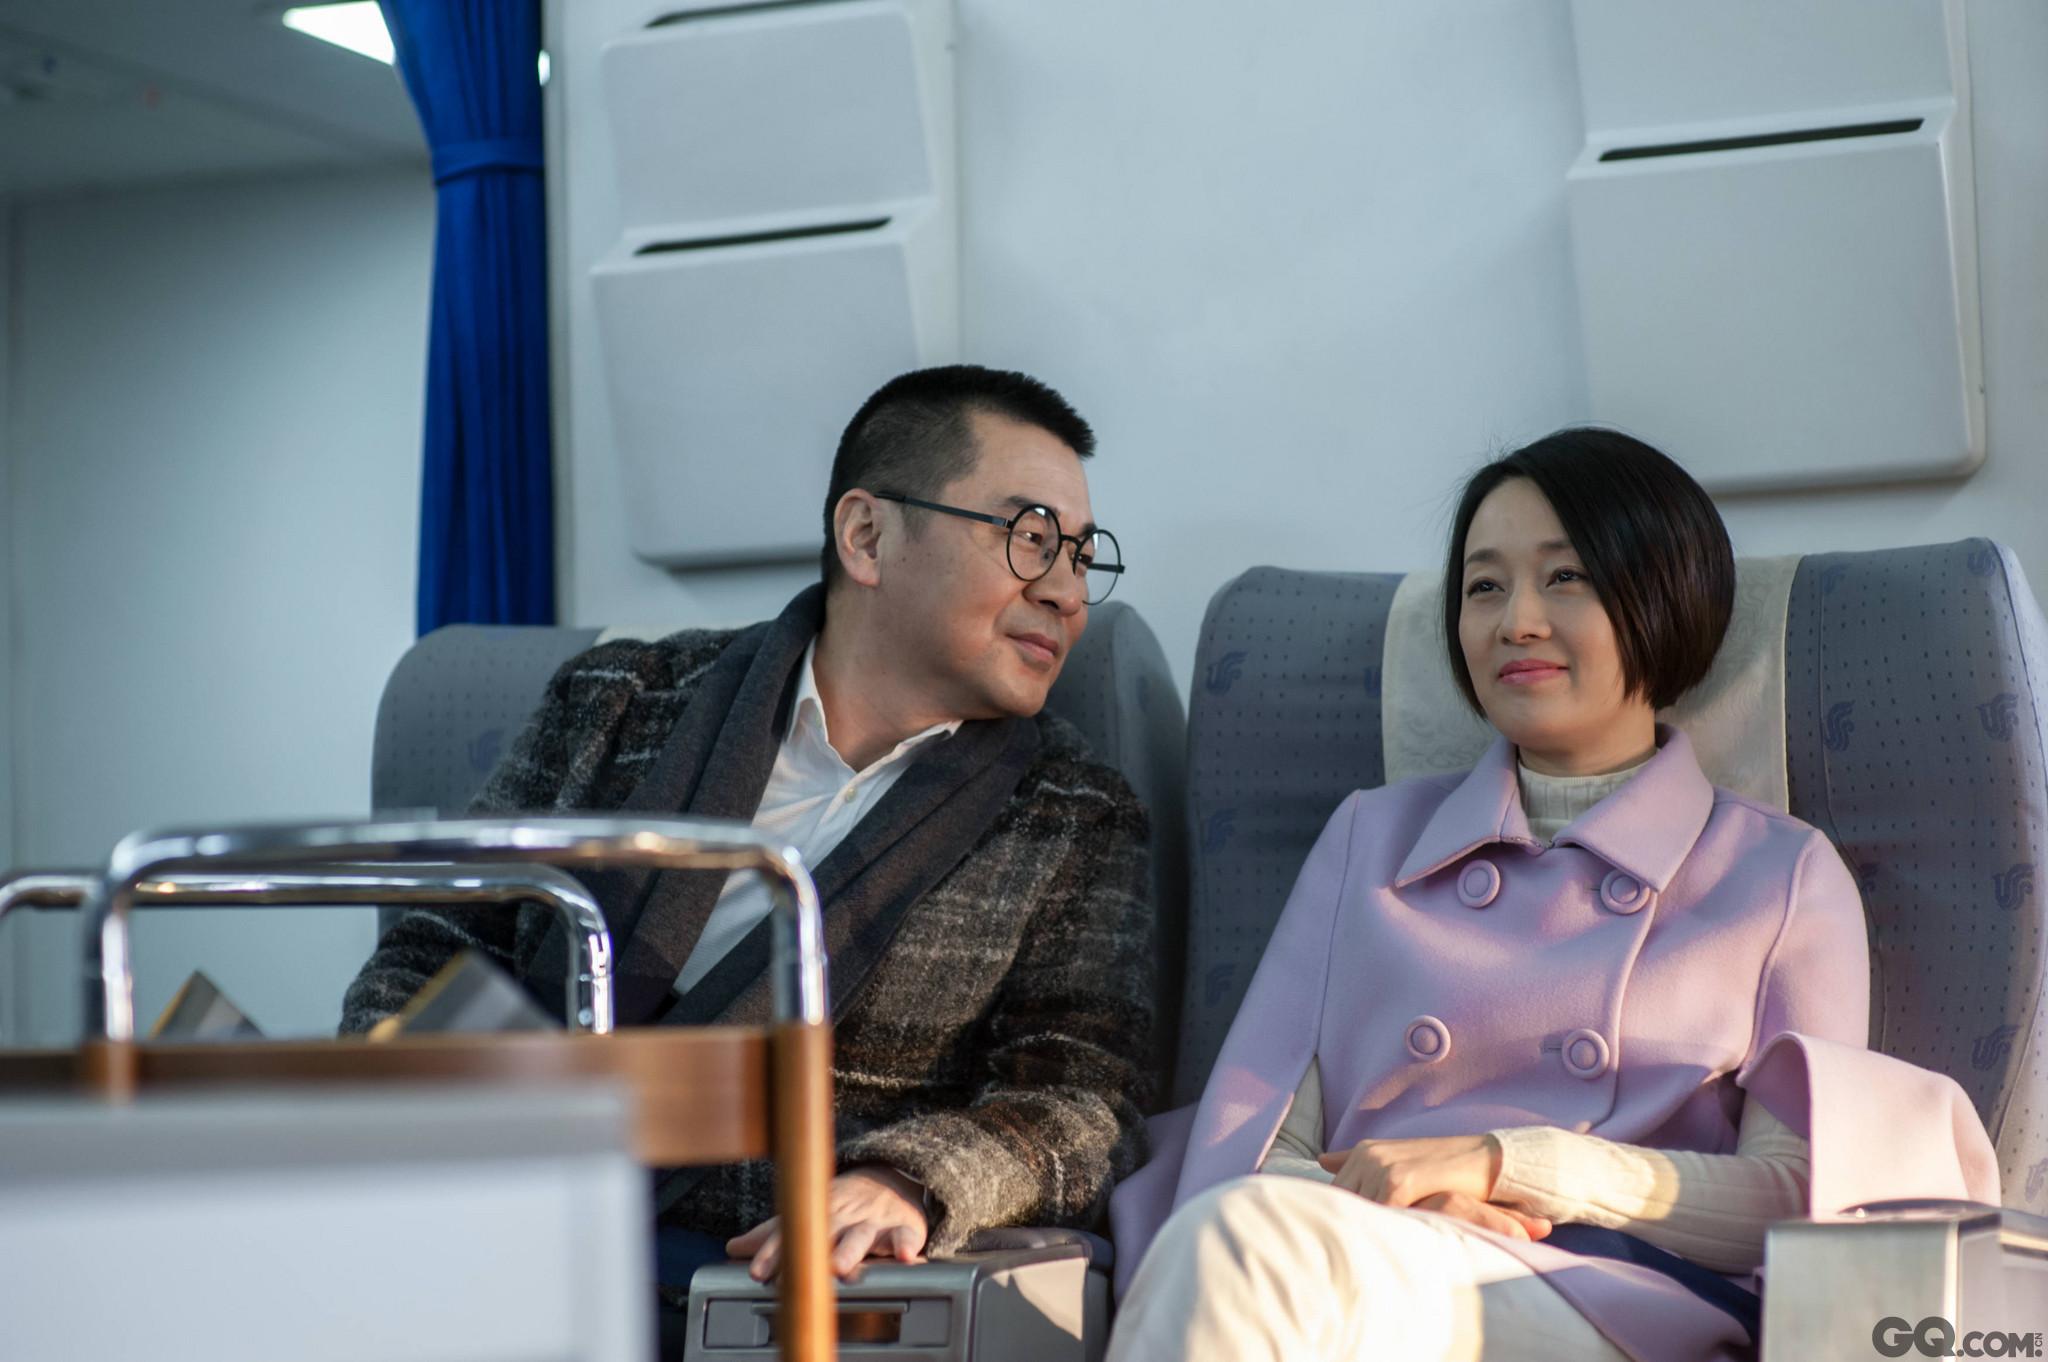 """值得一提的是,就在颁奖礼进行过程中,由陈建斌和马伊琍主演的电视剧《中国式关系》也在北京卫视、东方卫视开播,这两人也是继十年前《乔家大院》后的再度""""掐架"""",更为巧合的是,马伊琍5月21日刚刚在成都凭借《北上广不相信眼泪》受封第19届华鼎视后,看来《中国式关系》上演的不仅是十年老友的久别重逢,还是华鼎视后和影帝的巅峰对决。"""